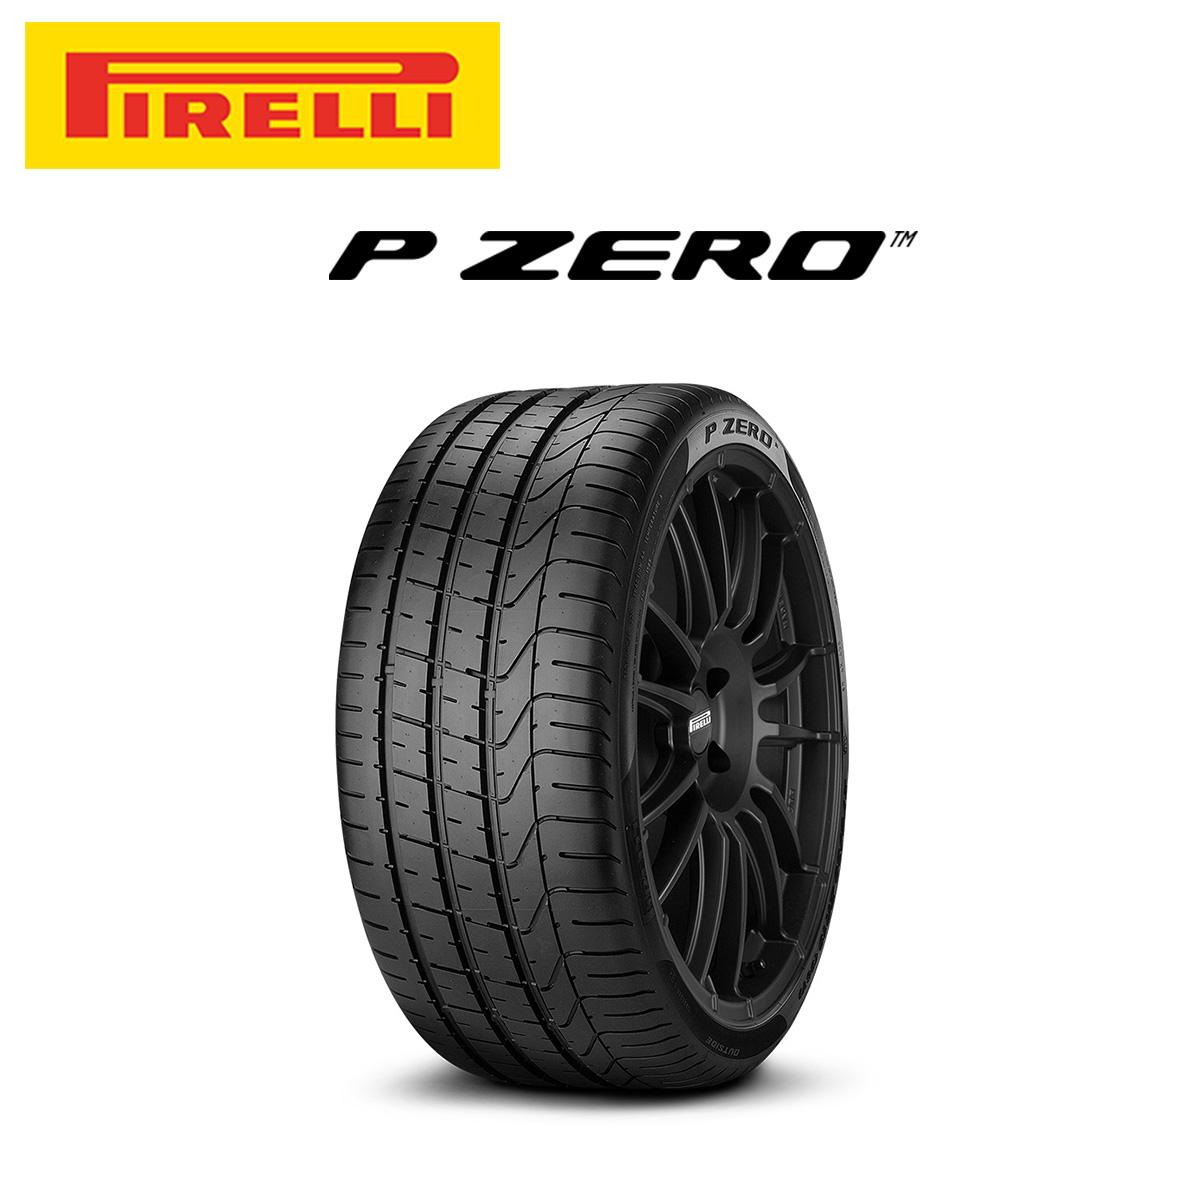 ピレリ PIRELLI P ZERO ピーゼロ 21インチ サマー タイヤ 1本 265/40R21 105Y XL MGT:マセラティ承認タイヤ 2611500